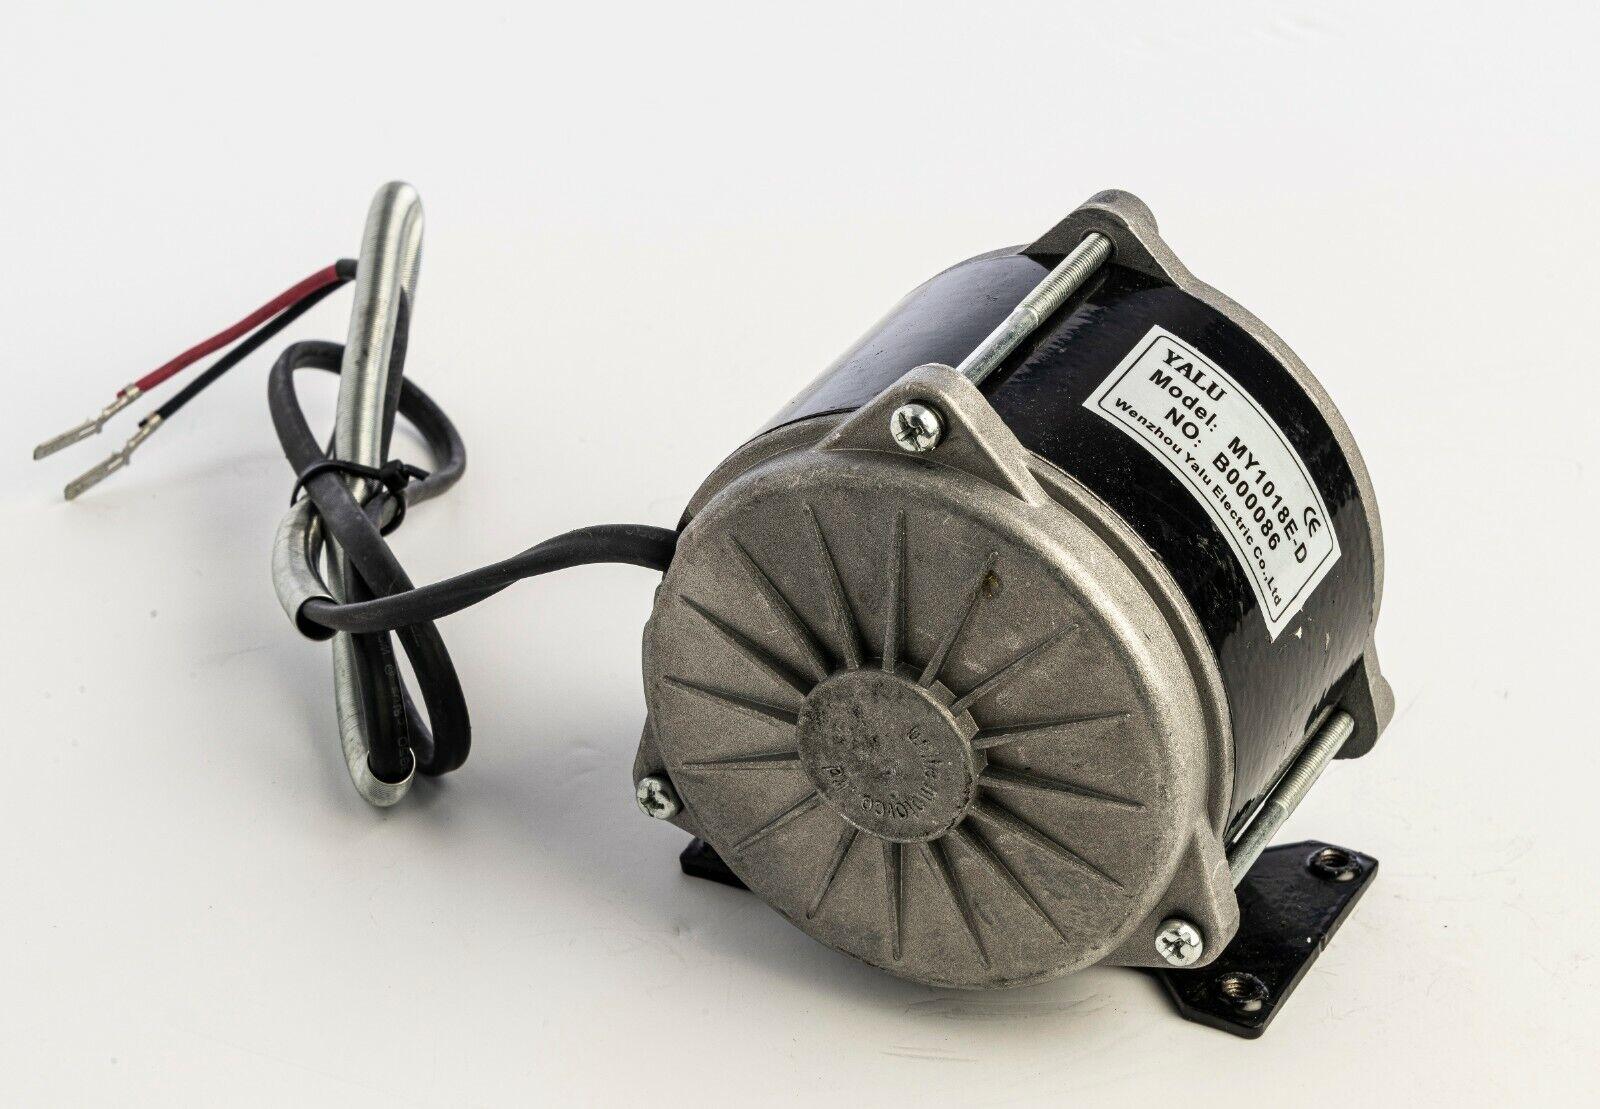 Razor Crazy Cart XL 500W motor with screws